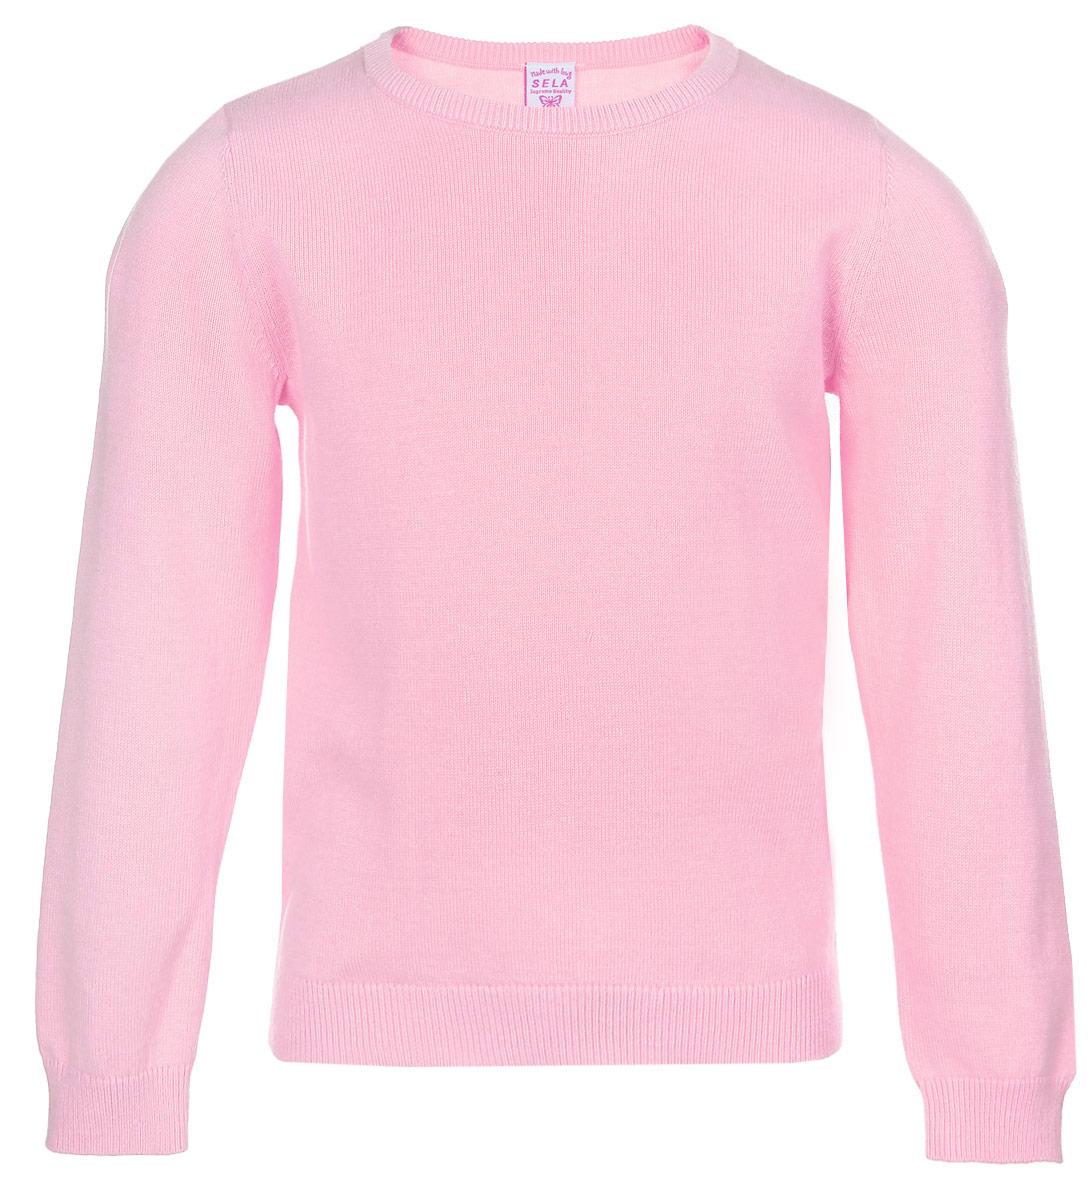 Джемпер для девочки Sela, цвет: розовый. JR-514/064-6352. Размер 98, 3 годаJR-514/064-6352Прелестный джемпер Sela, изготовленный из натурального хлопка, станет отличным дополнением к гардеробу вашей девочки. Материал изделия мягкий и приятный на ощупь, не сковывает движения и позволяет коже дышать, не раздражает даже самую нежную и чувствительную кожу ребенка, обеспечивая наибольший комфорт.Модель с круглым вырезом горловины и длинными рукавами придется по душе ваше дочурке. Горловина, манжеты рукавов и низ джемпера связаны резинкой. Современный дизайн и яркая расцветка делают этот джемпер стильным предметом детского гардероба. В нем ваша девочка будет чувствовать себя уютно и комфортно, и всегда будет в центре внимания!